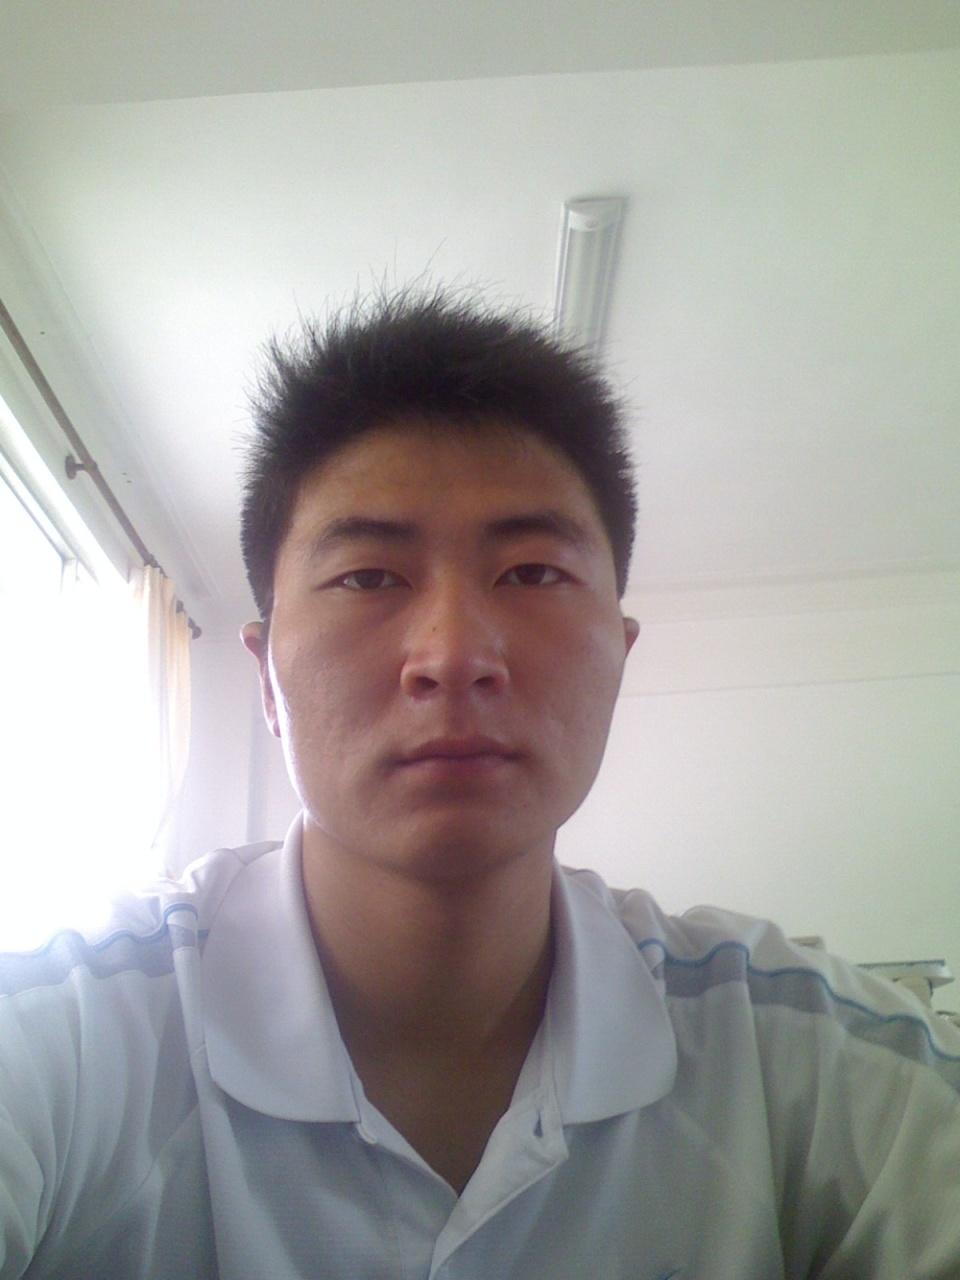 hezhaoxi